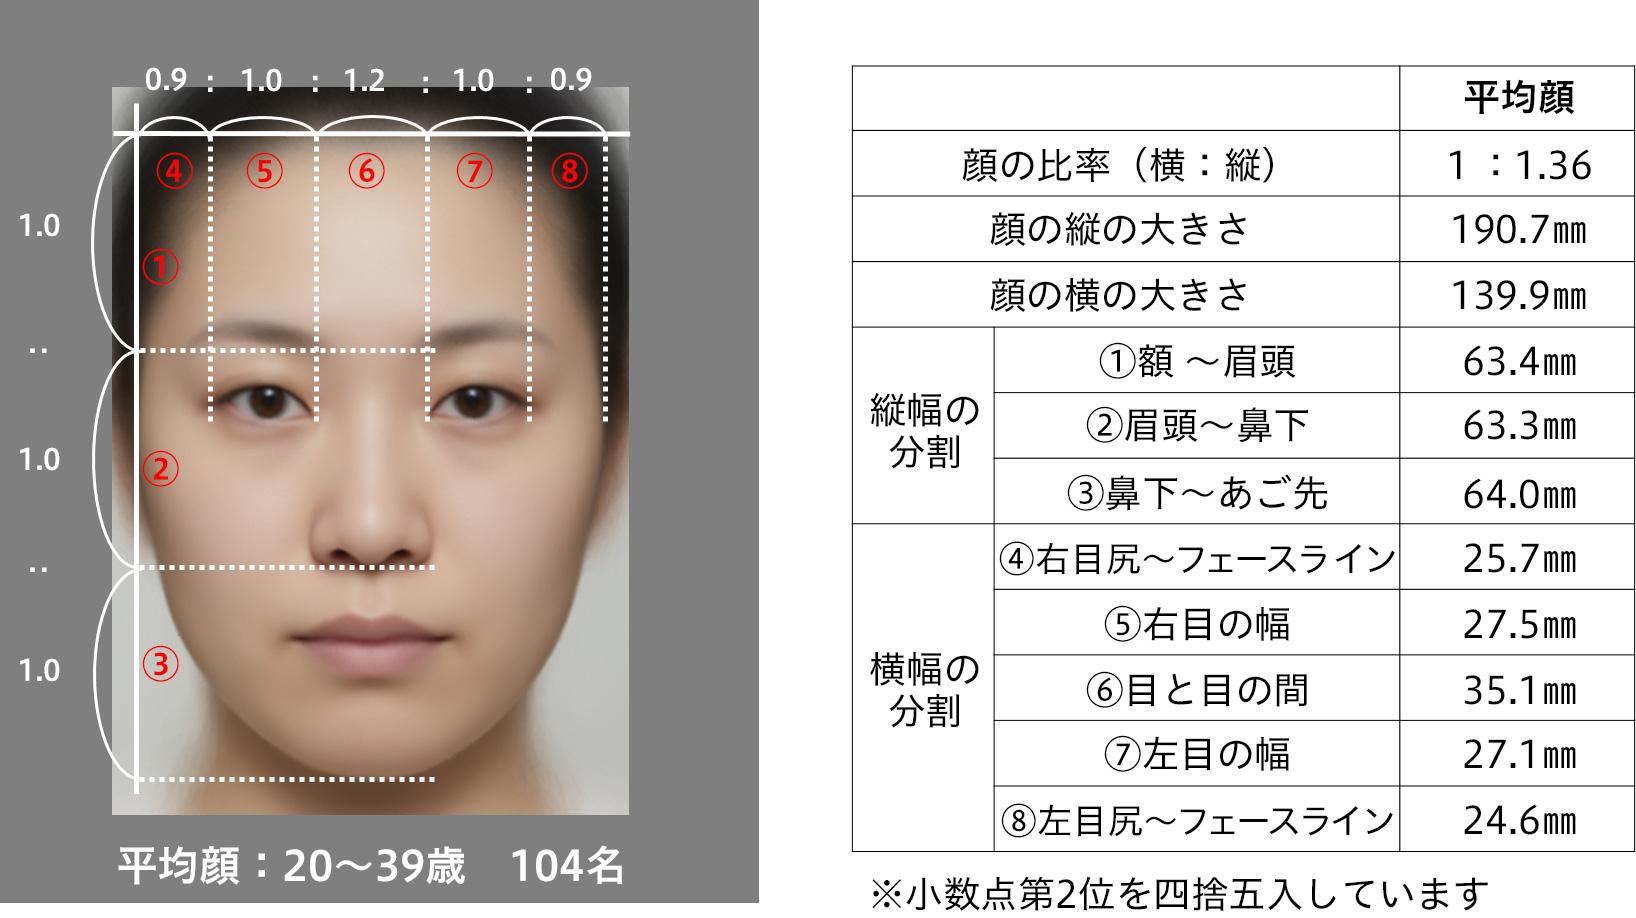 花王   日本人女性の「平均顔」と印象による顔の特徴を解析 個性や美の ...